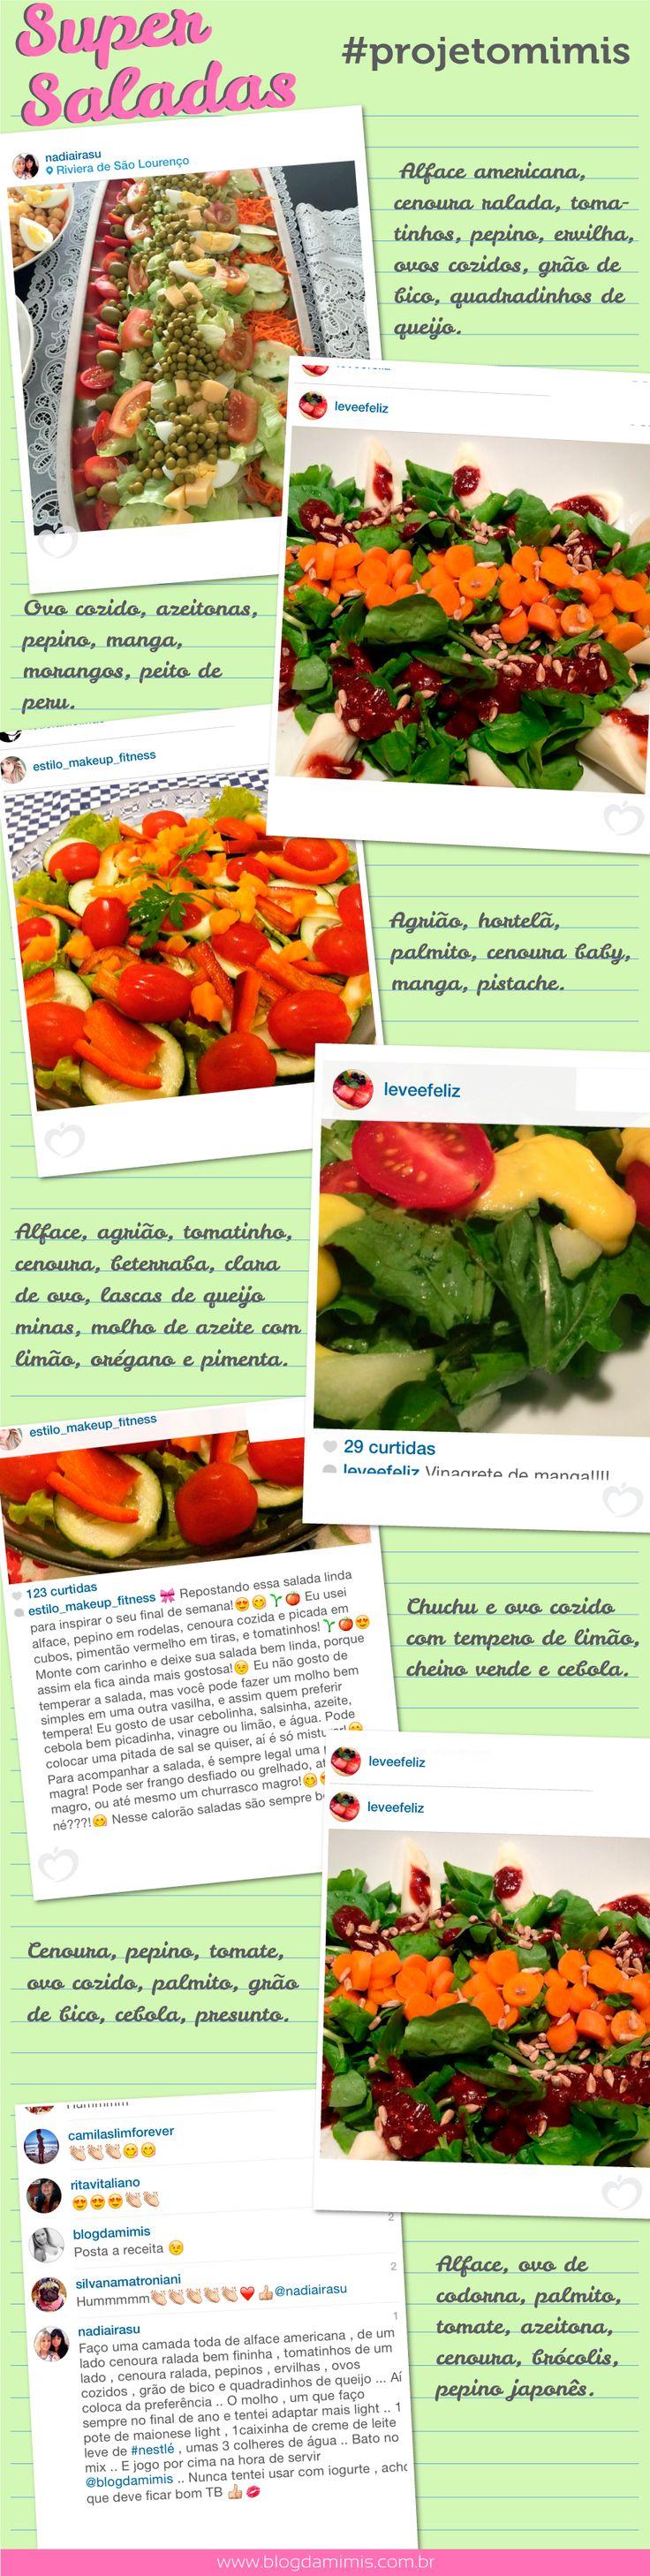 Super Saladas - Blog da Mimis - O ano está começando e é a hora de dar um start na DIETA! E a melhor forma para EMAGRECER é apostando nas saladas! Elas saciam e são super práticas!